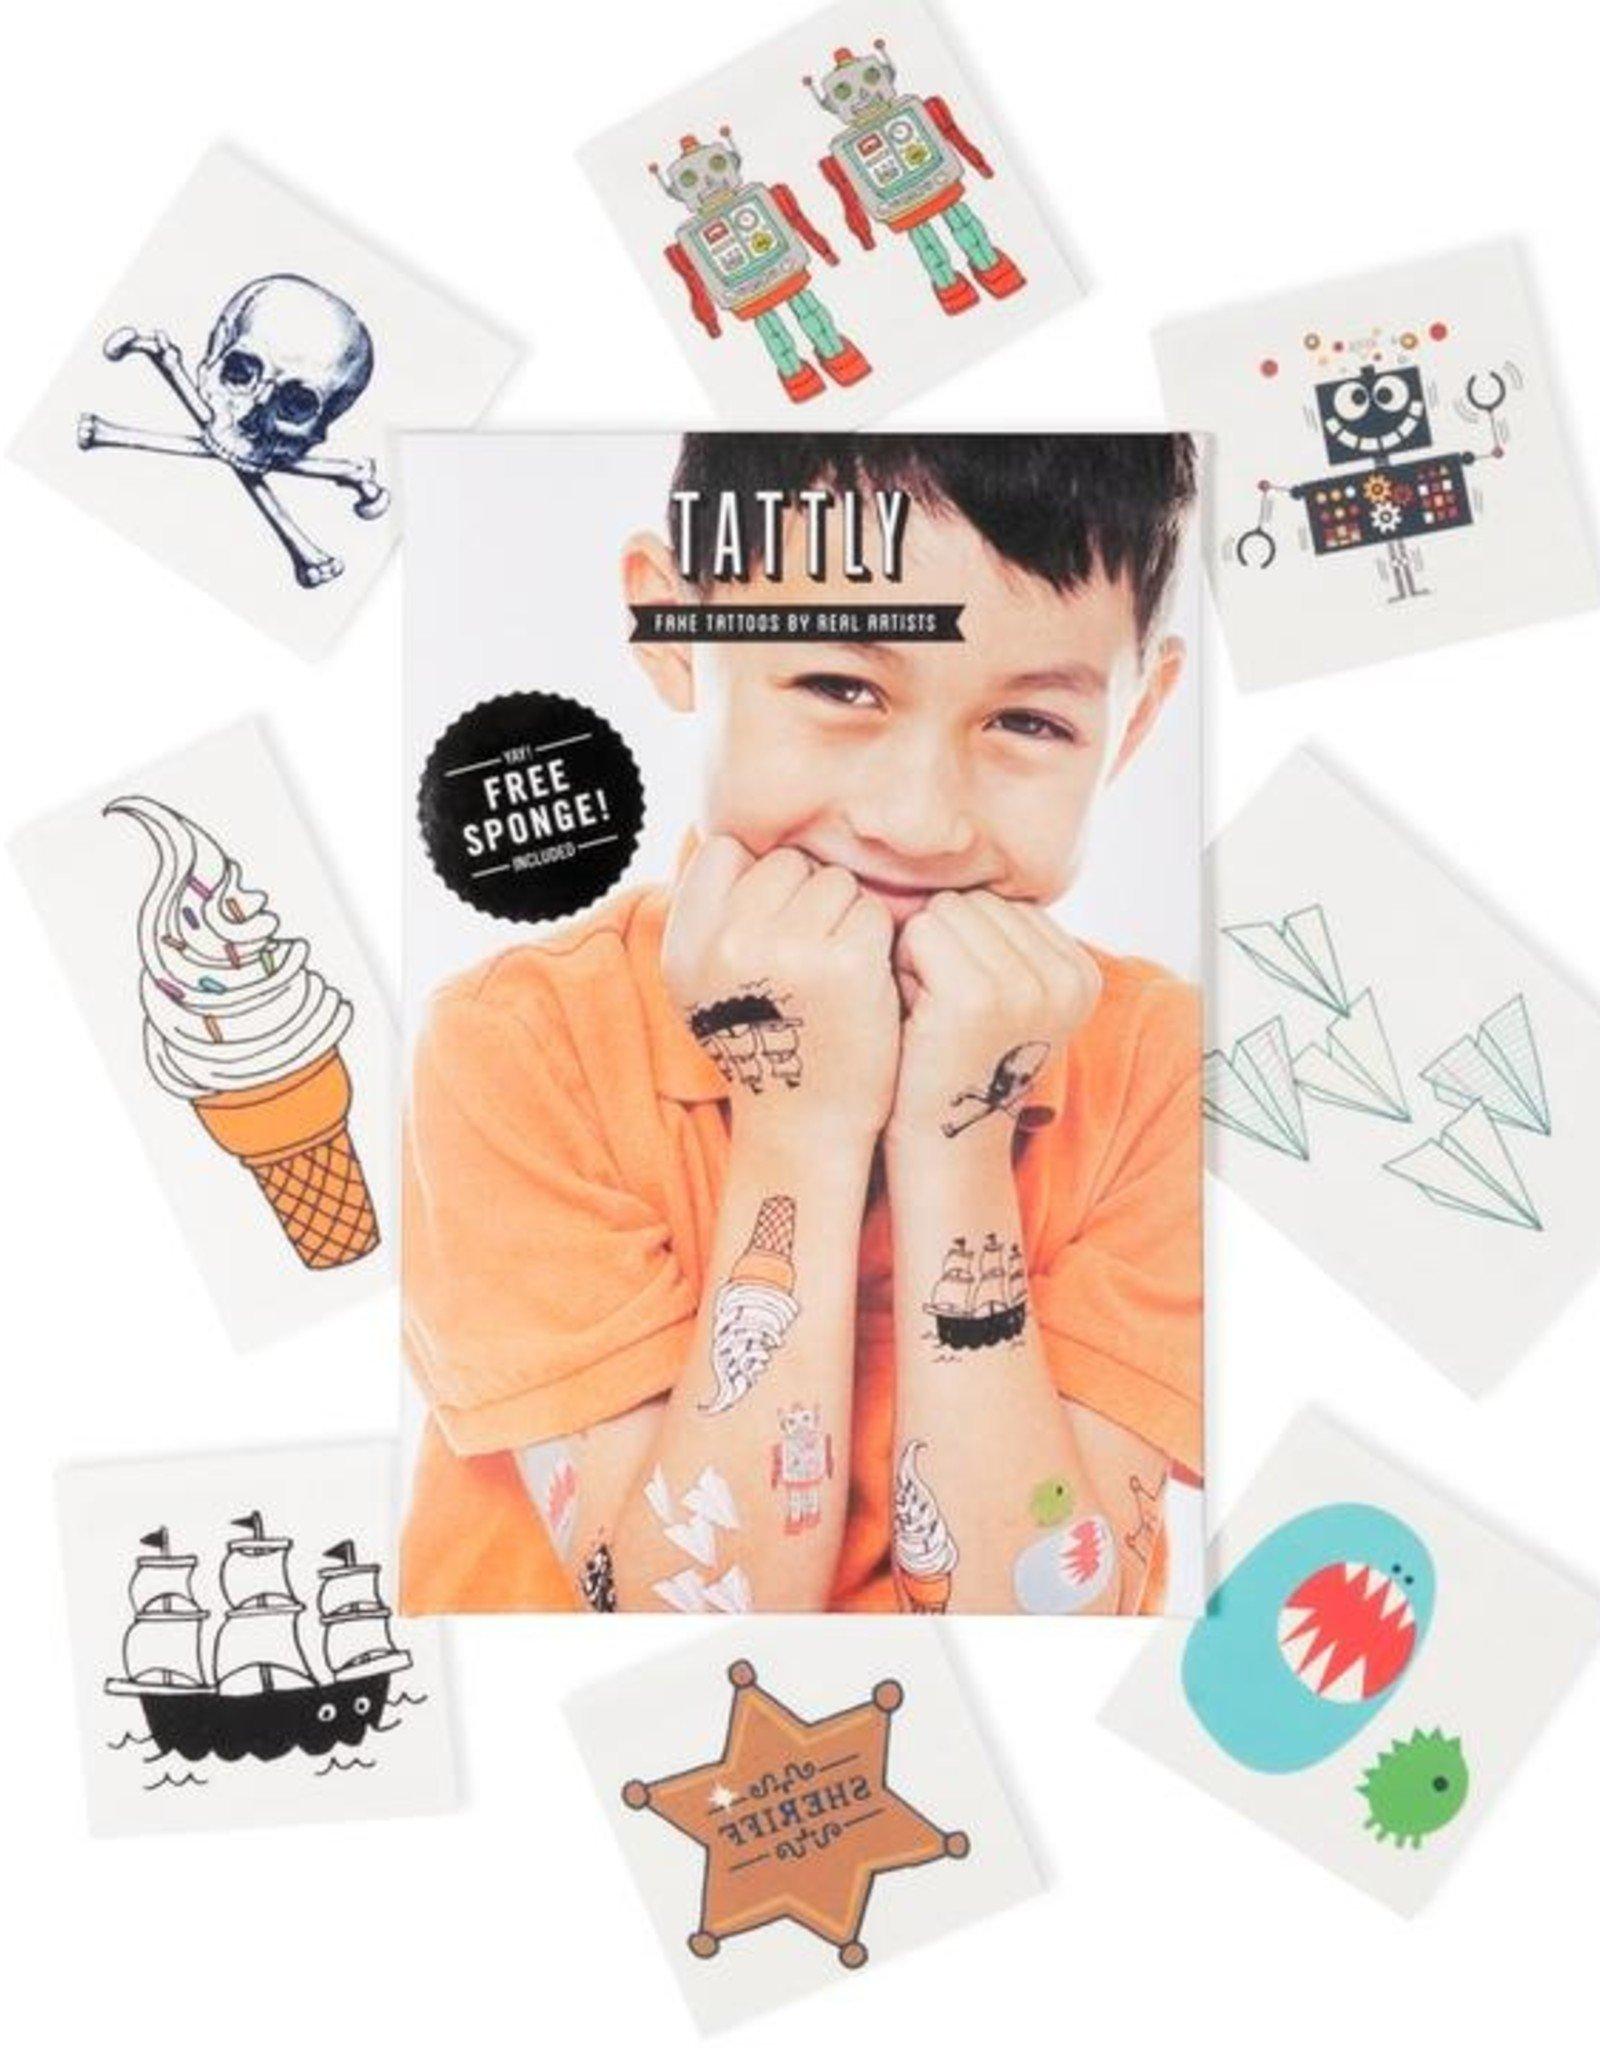 Tattoo Set - Kids Mix one